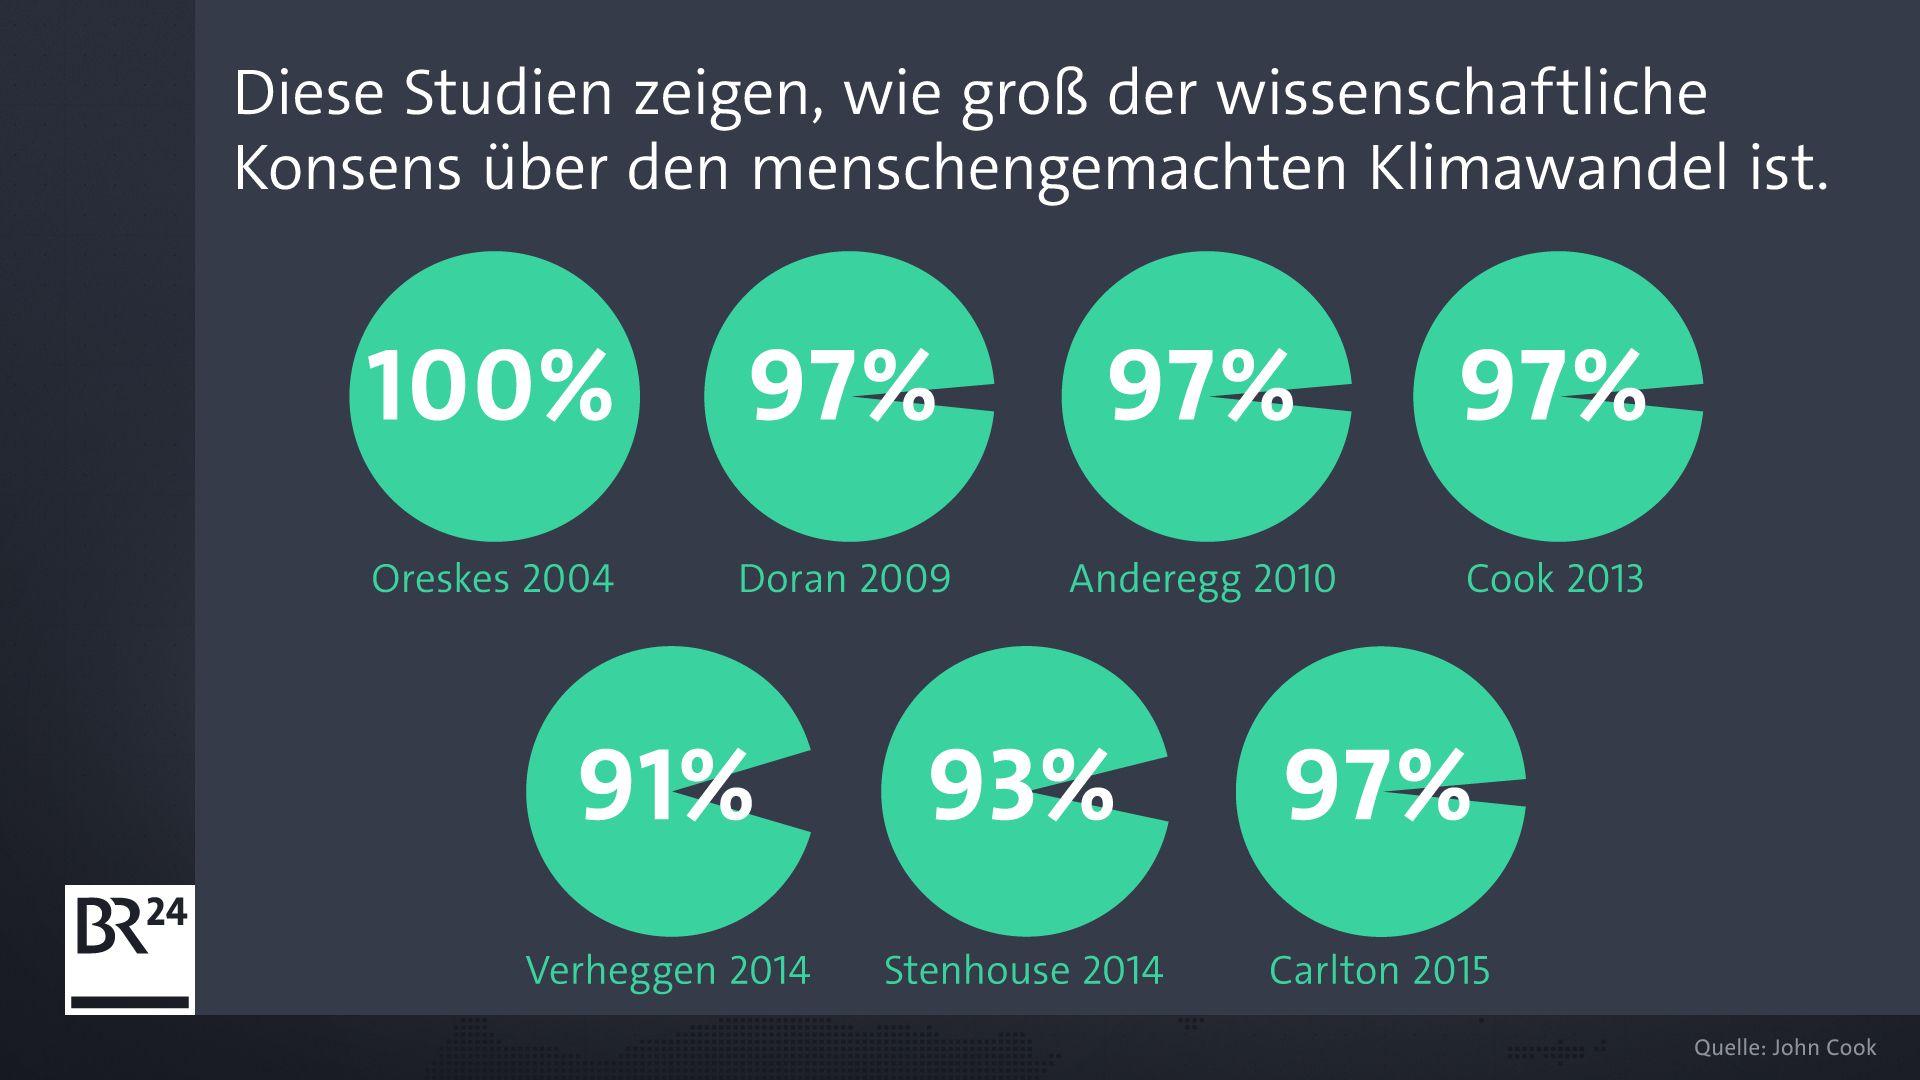 Anteil an wissenschaftlicher Zustimmung zum menschengemachten Klimawandel